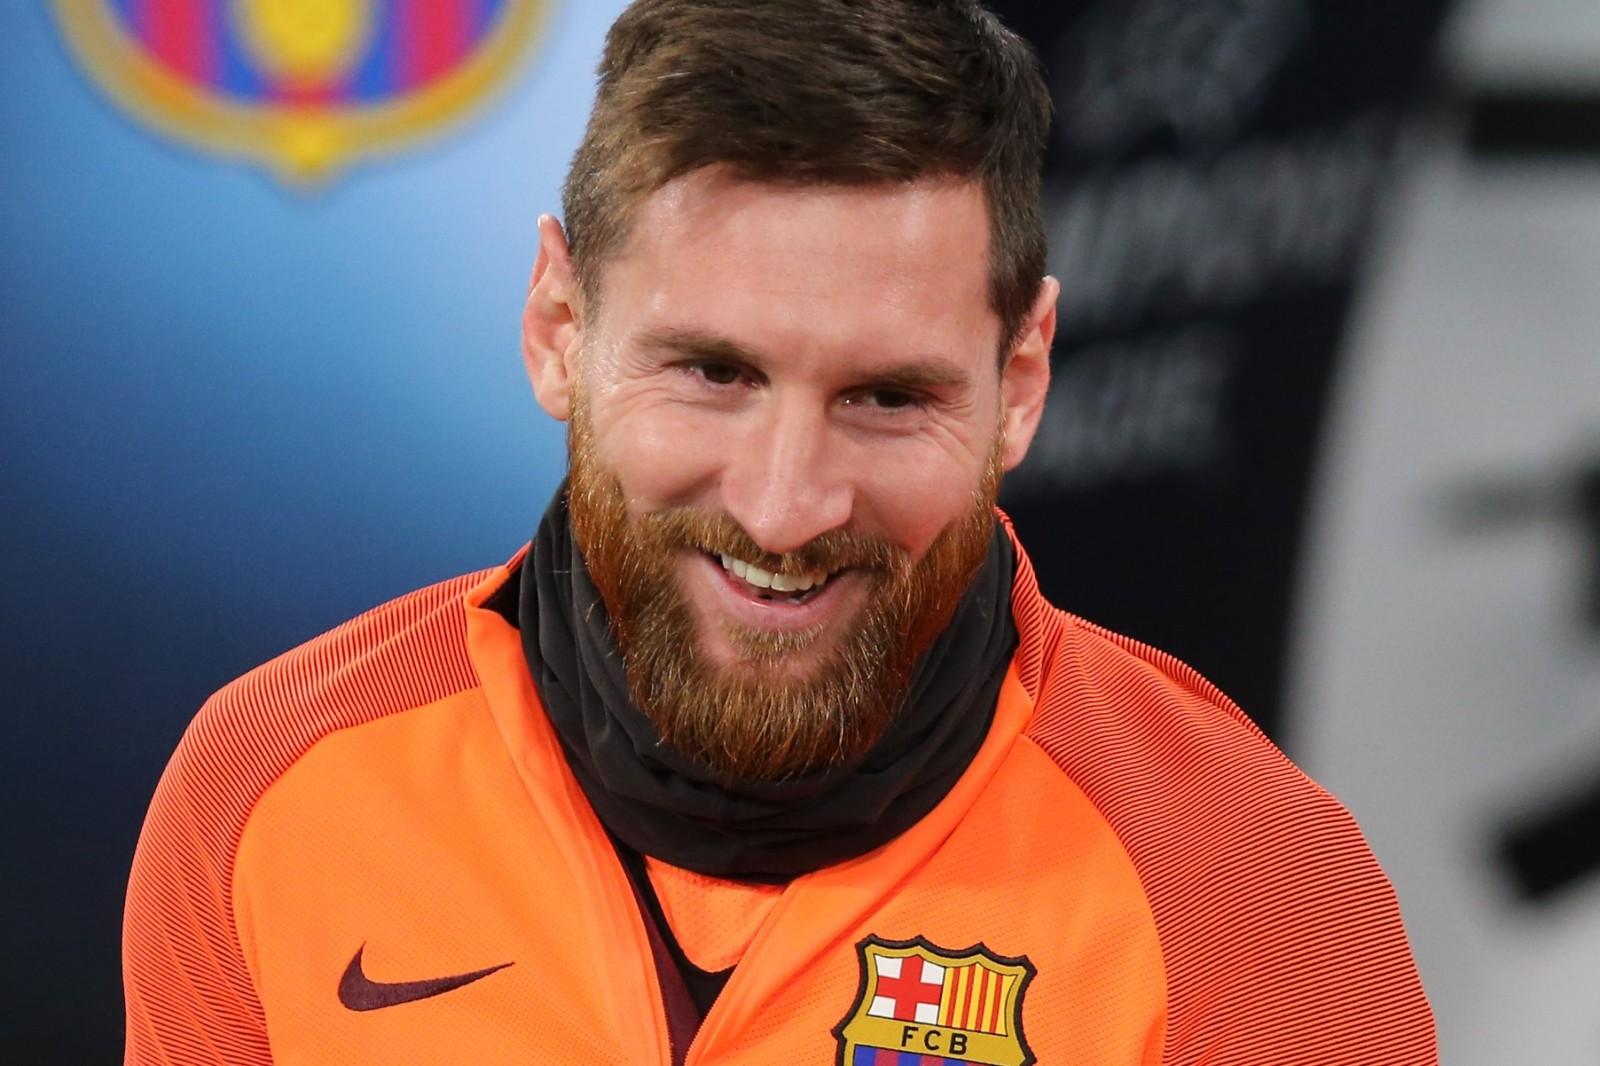 Lionel Messi zieht an Suarez vorbei – und schließt zu Cristiano Ronaldo auf - Fussball Europa